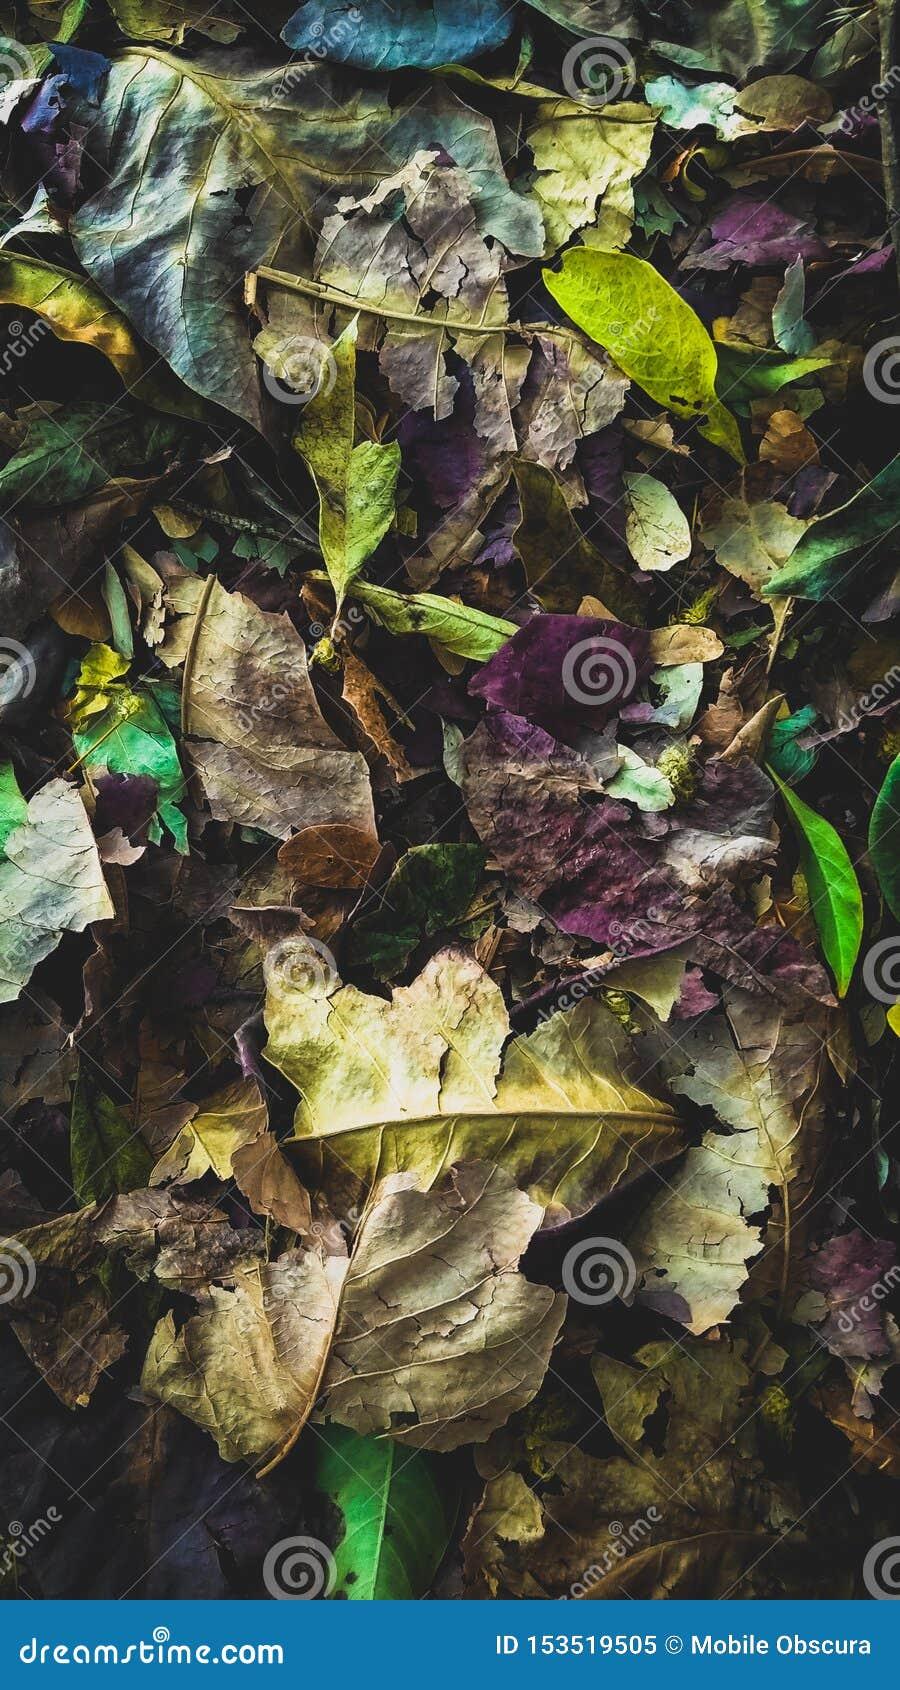 Beauty In Waste